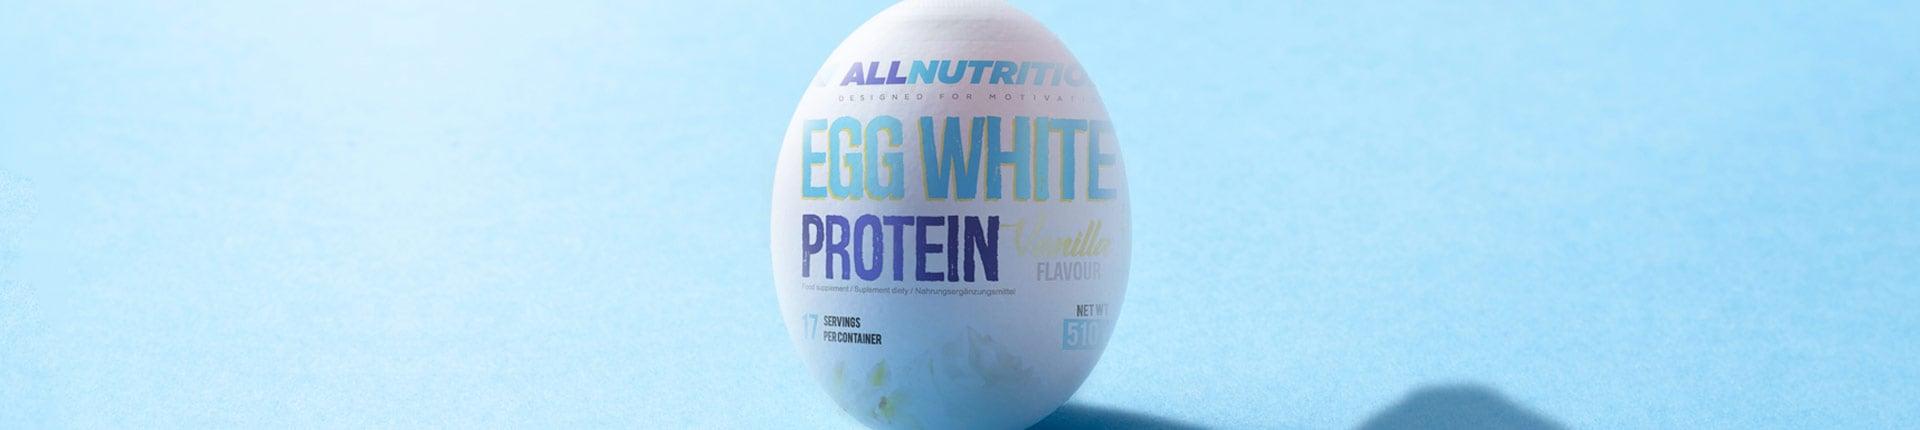 Koncentrat białka jaja kurzego - ALLNUTRITION Egg White Protein